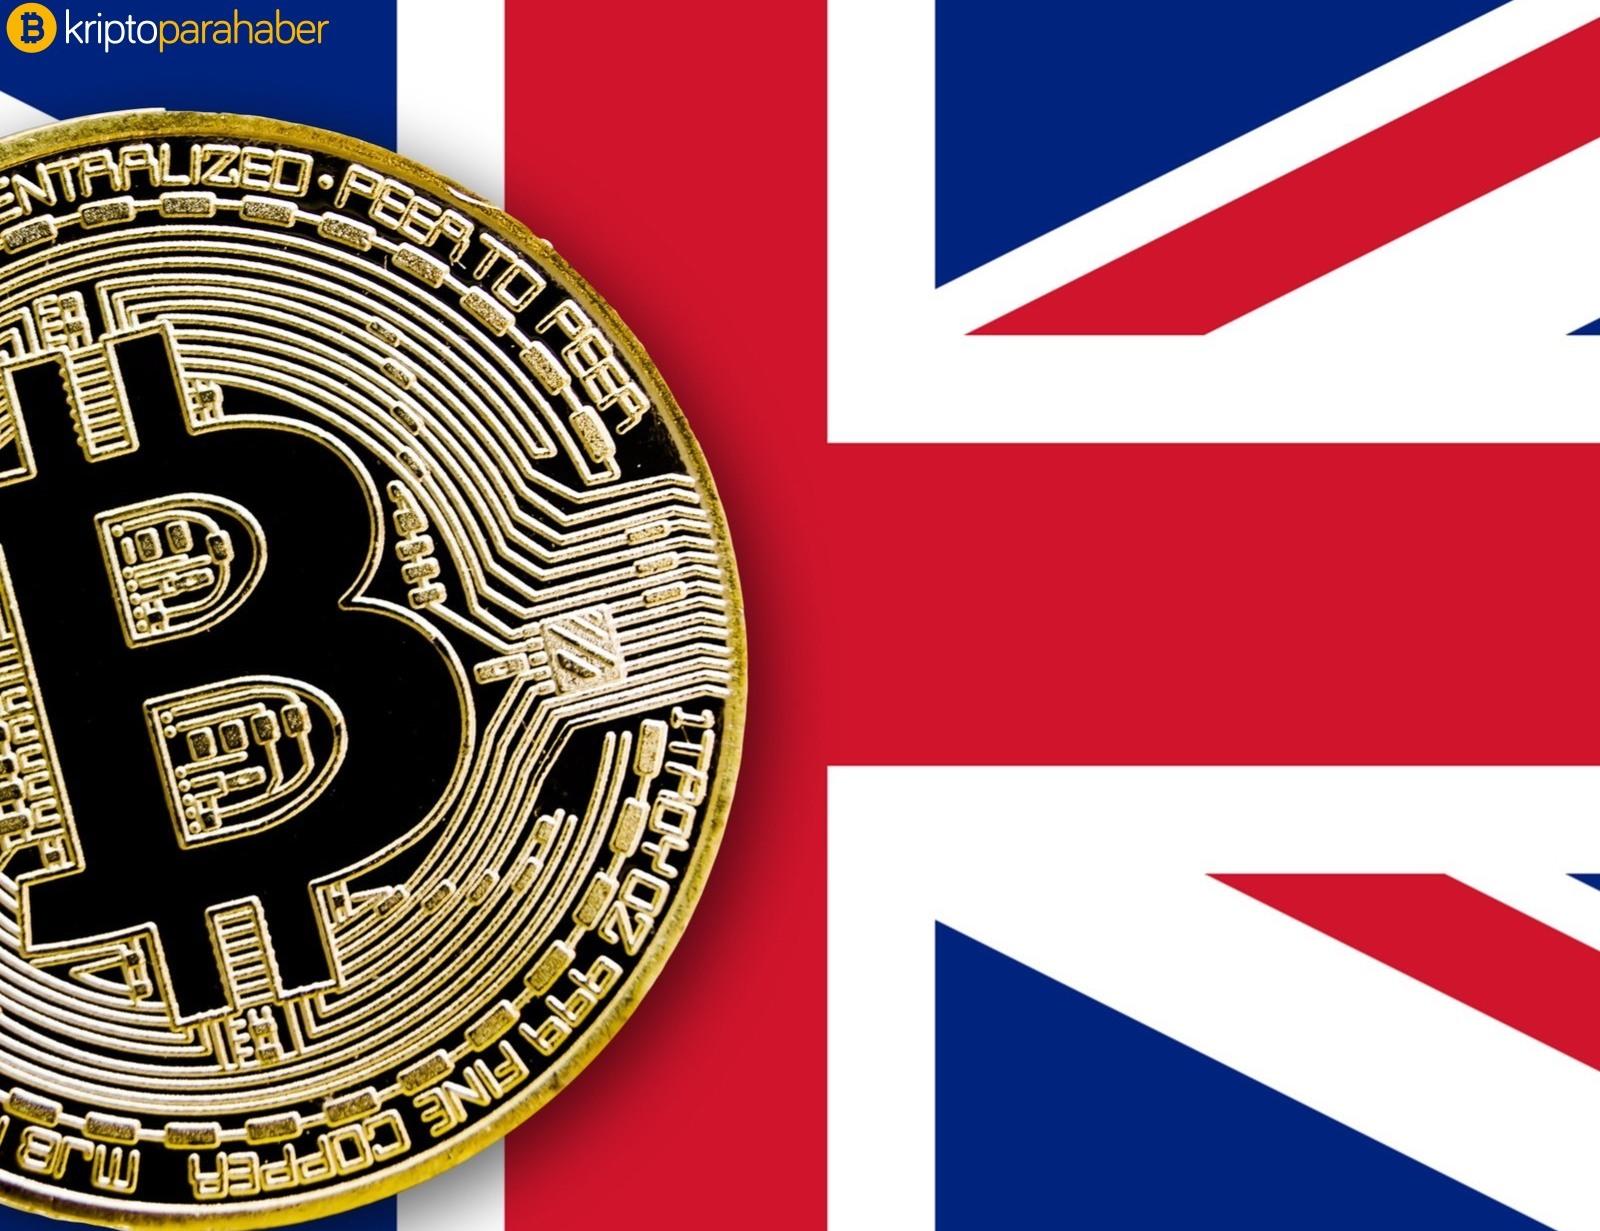 Oxford ile Cambridge arasındaki efsane rekabet kripto para sektörüne taşındı